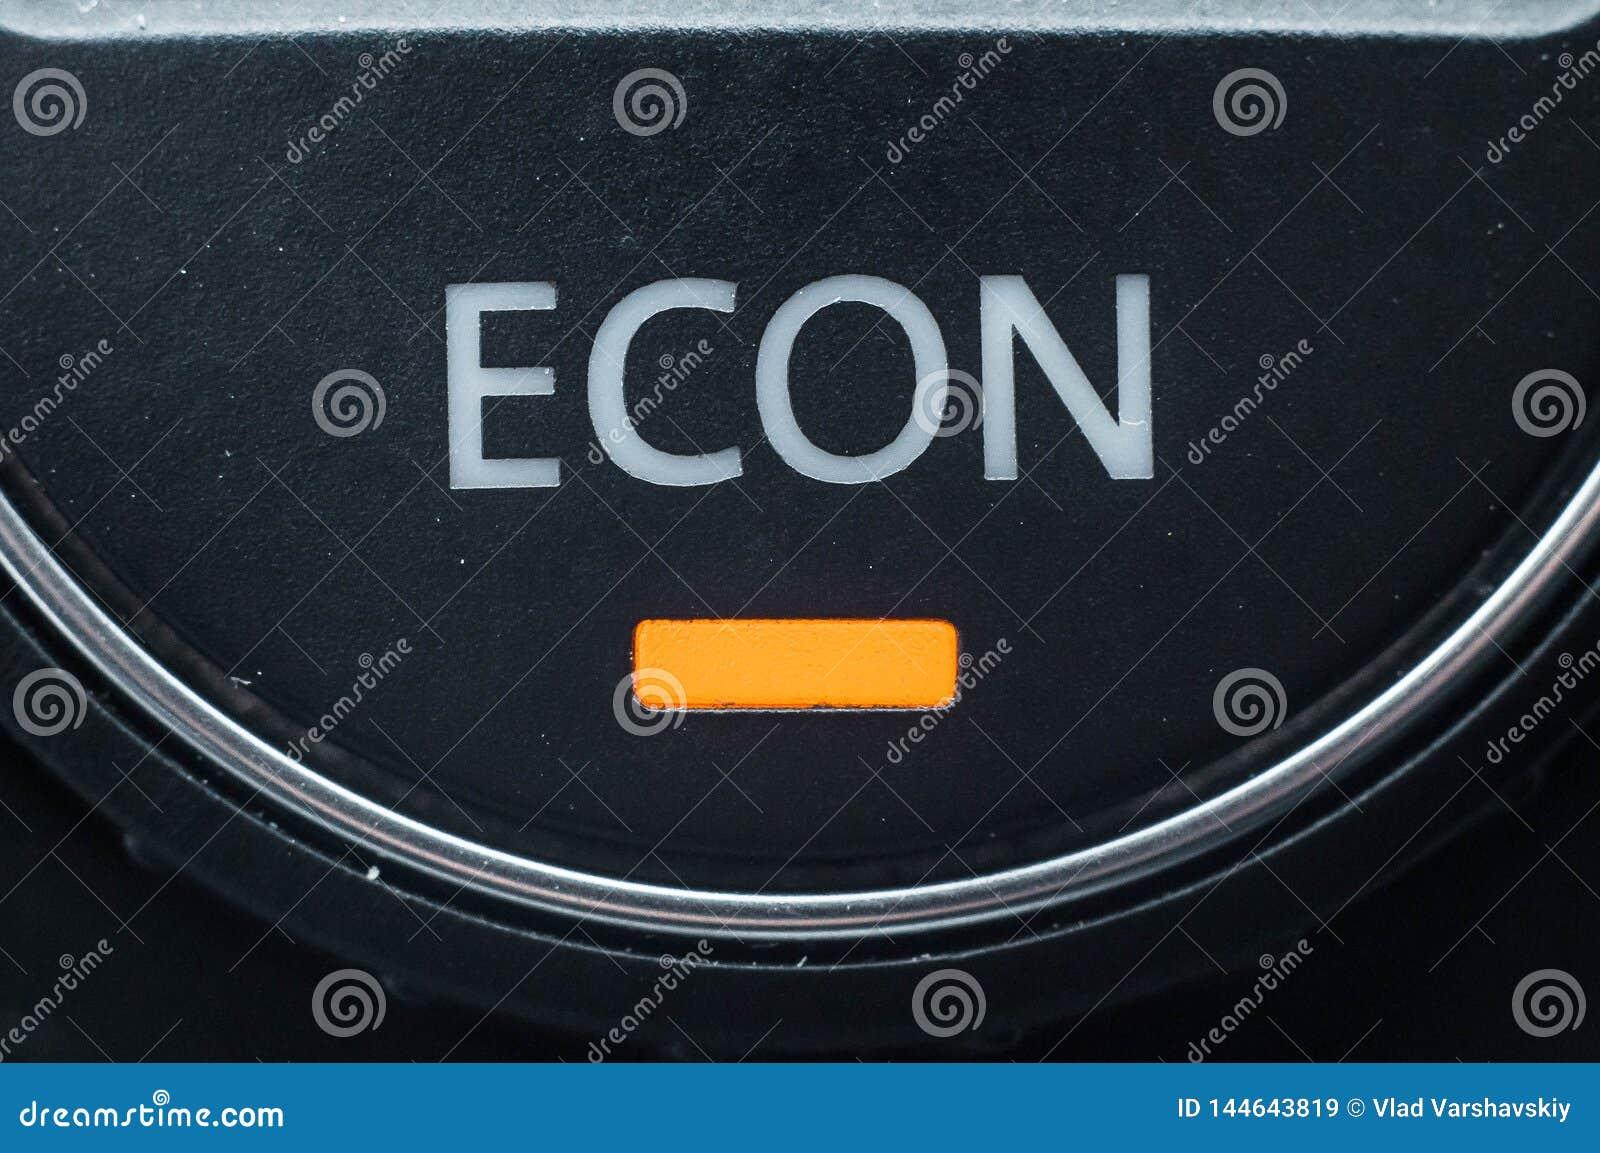 Technologie zmniejszać benzynową odległość w milach oprócz pieniądze i